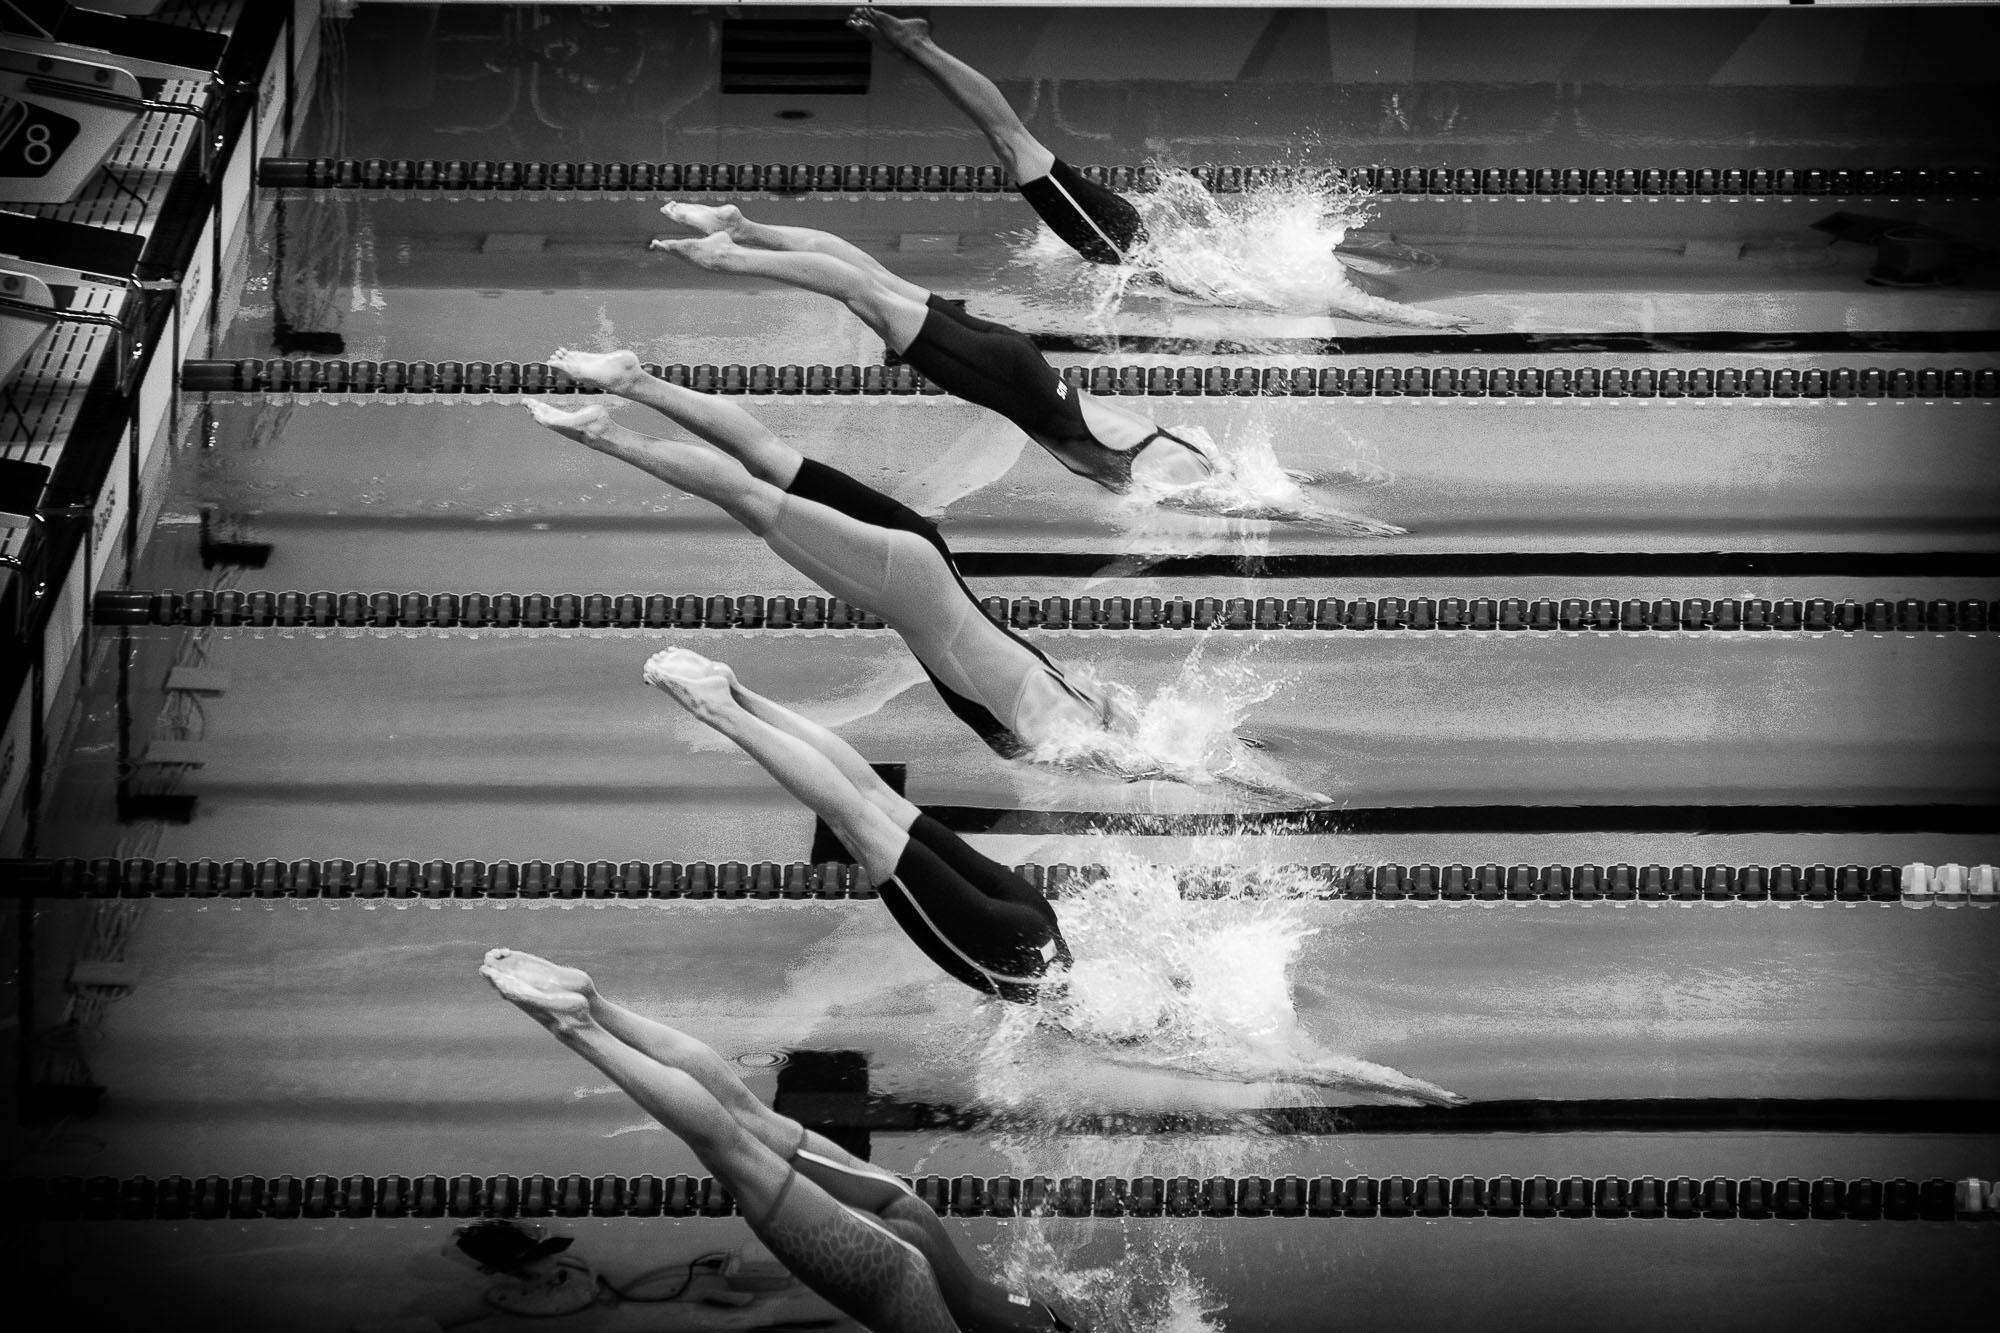 ben-arnon-rio-olympics_005.jpg